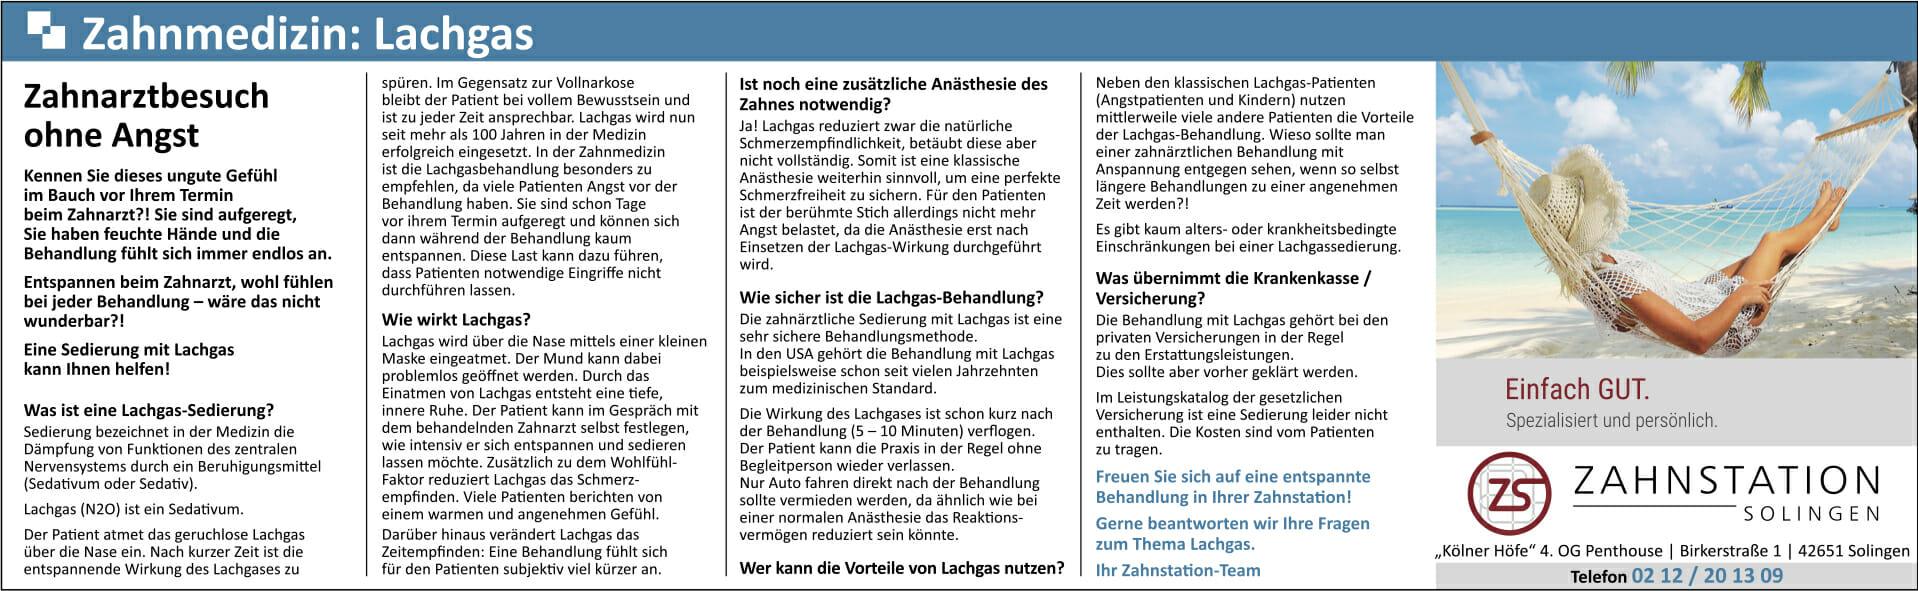 Lachgas - 7. Teil unserer Fachartikelreihe im Solinger Tageblatt ...